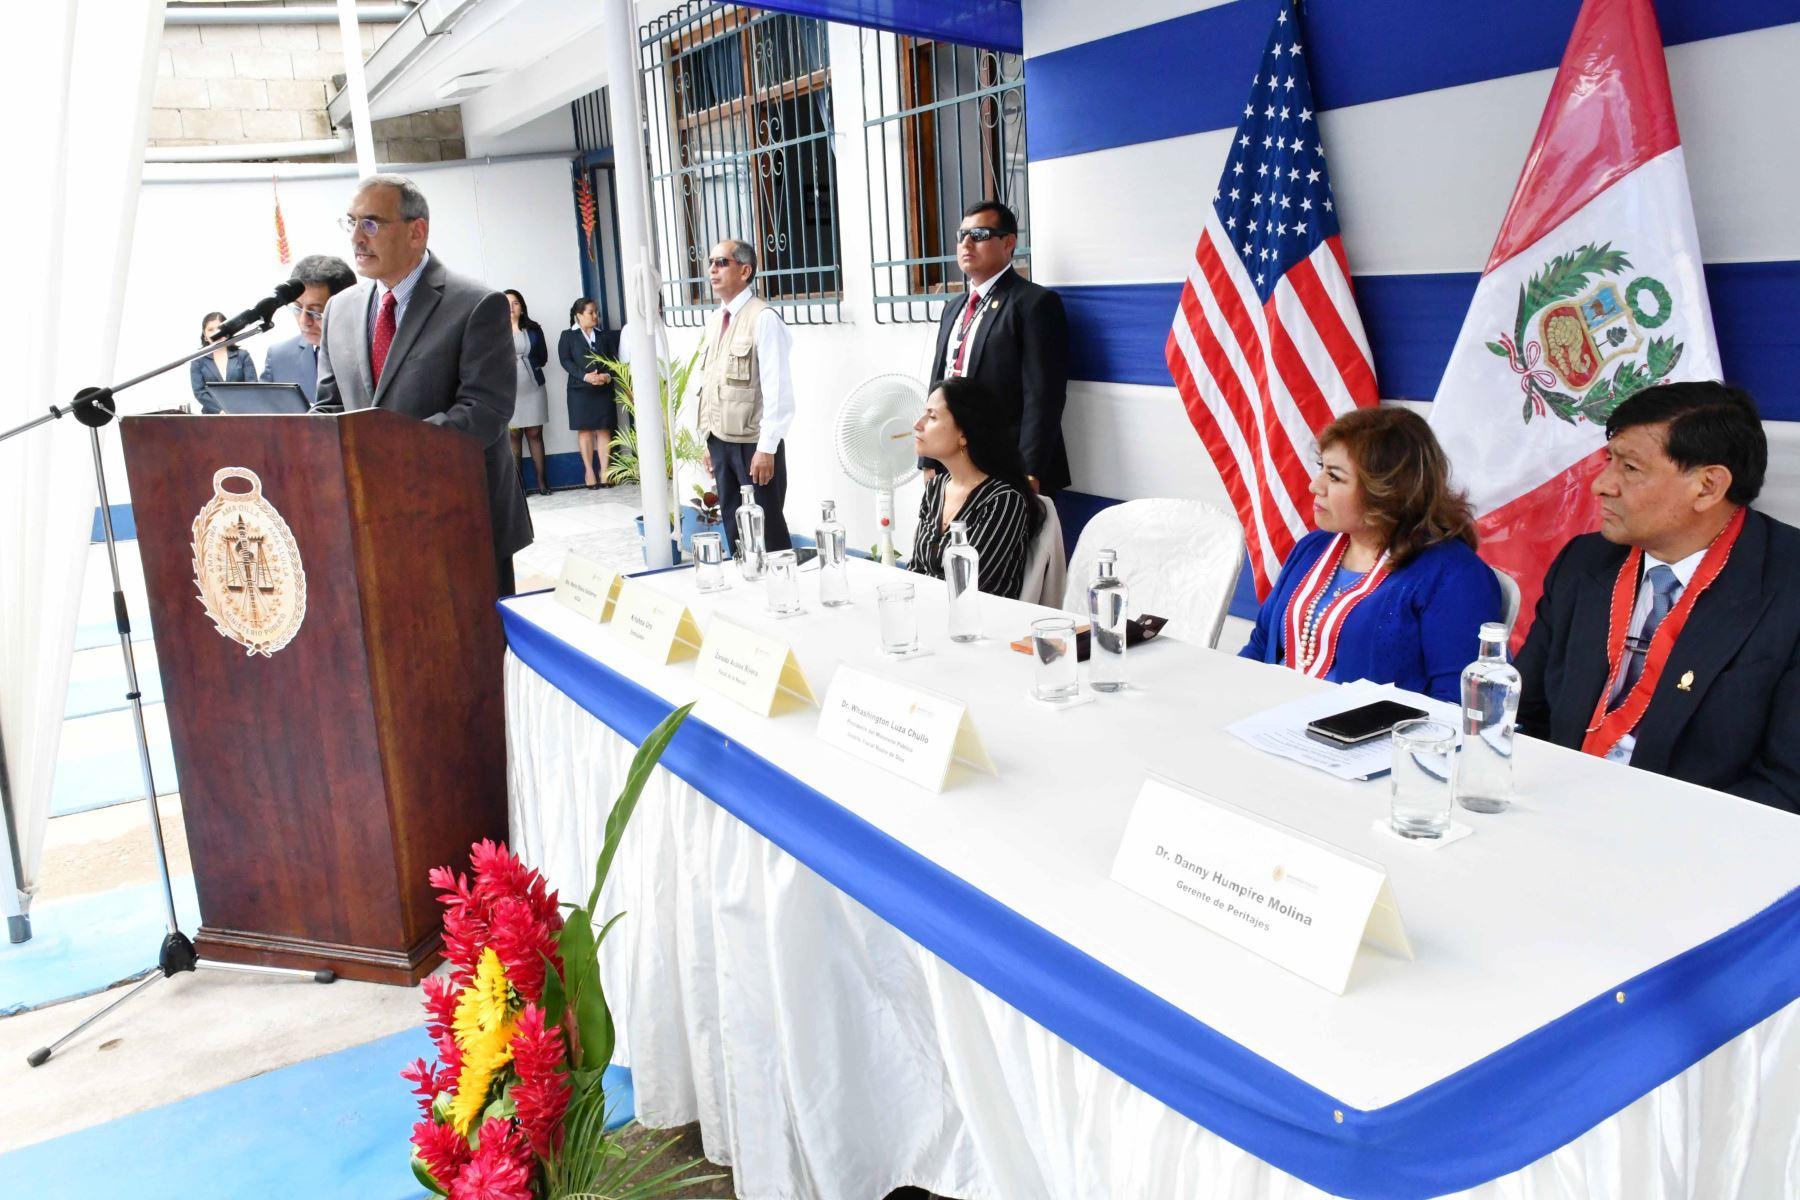 El embajador de Estados Unidos, Krishna R. Urs, durante la inauguración del primer Laboratorio Descentralizado de la Oficina de Peritajes del Ministerio Público, en el distrito fiscal de Madre de Dios. Foto: Cortesía.